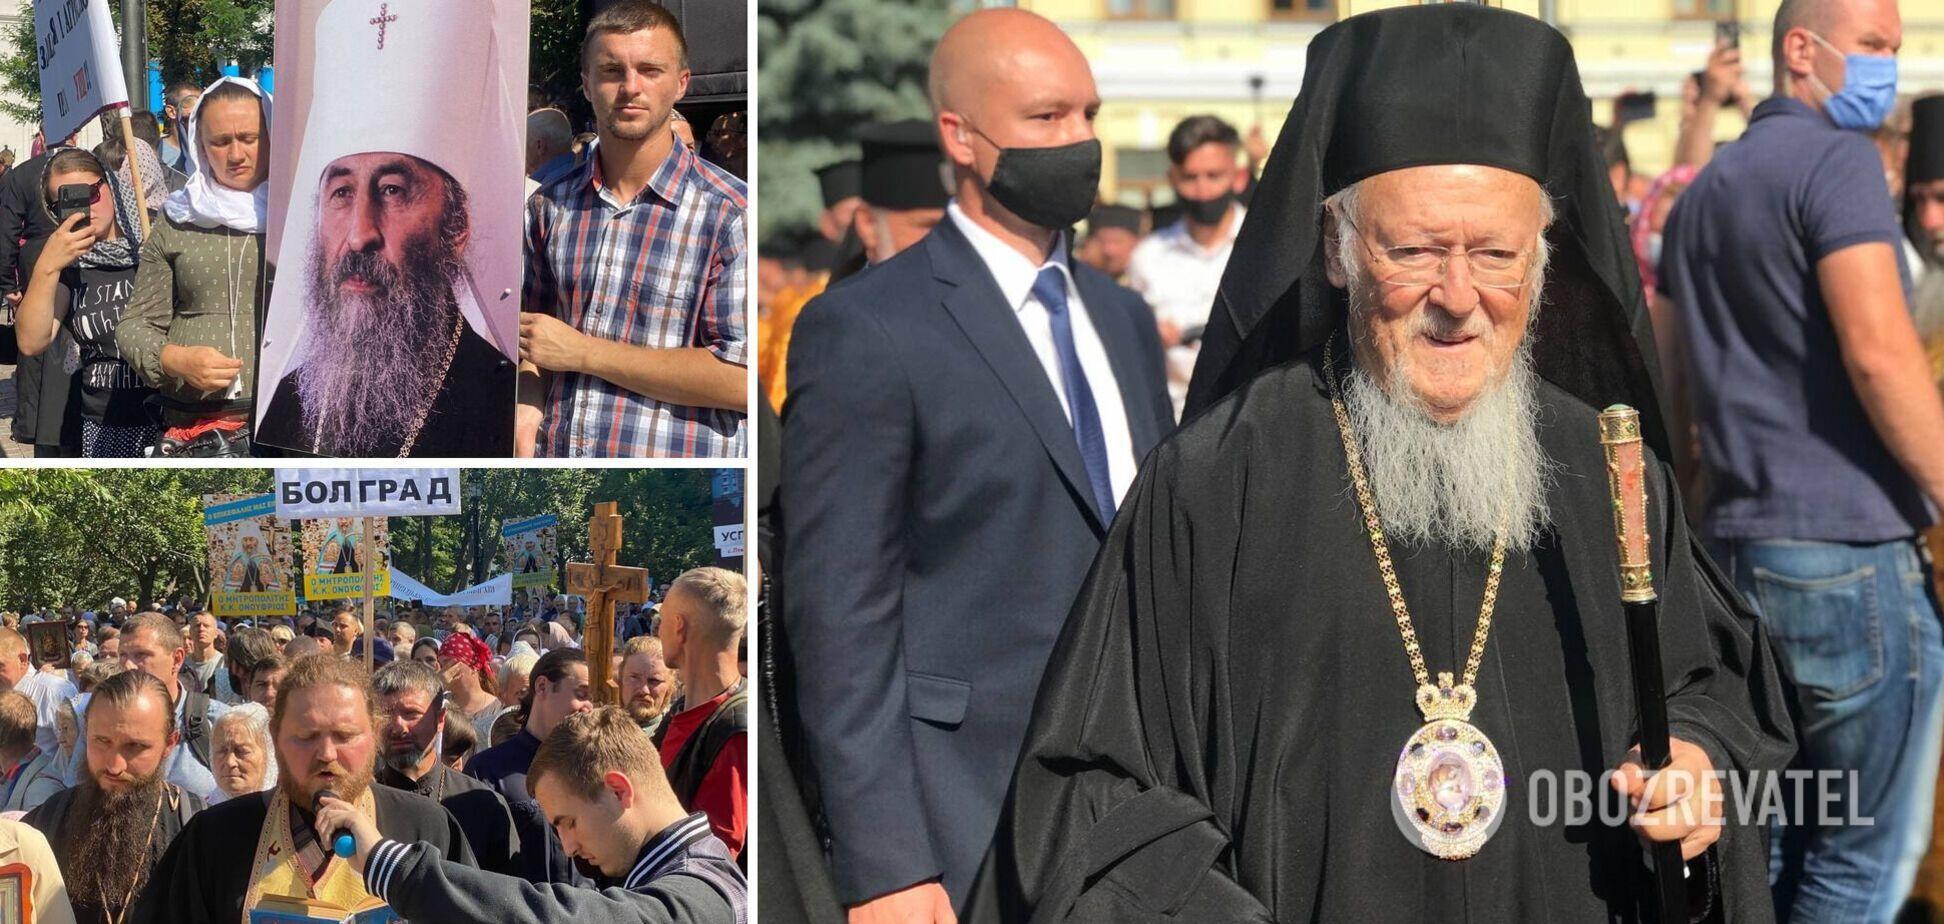 Варфоломей в Киеве провел богослужение с Епифанием, сторонники УПЦ устроили протест: все подробности и фото